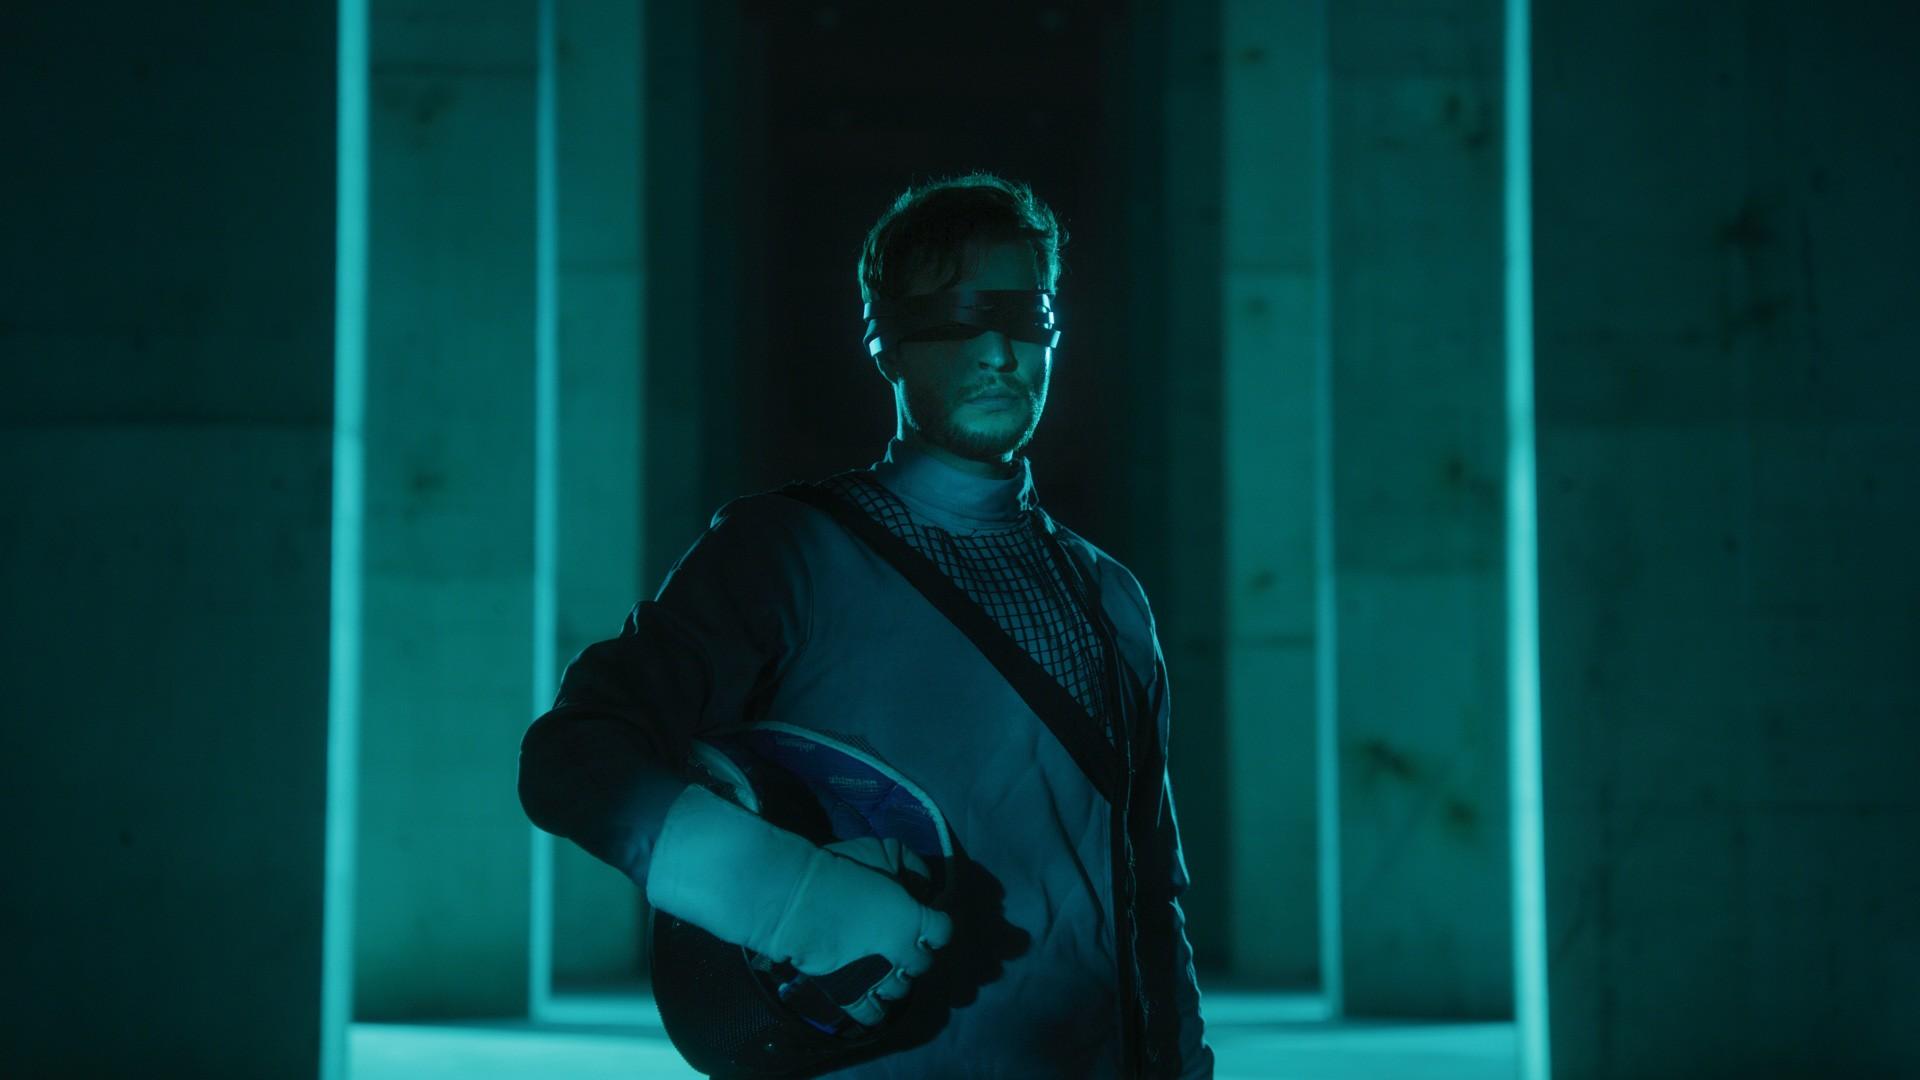 ZIAN veröffentlicht mit seiner zweiten Single «Grateful» einen weiteren hitverdächtigen Song